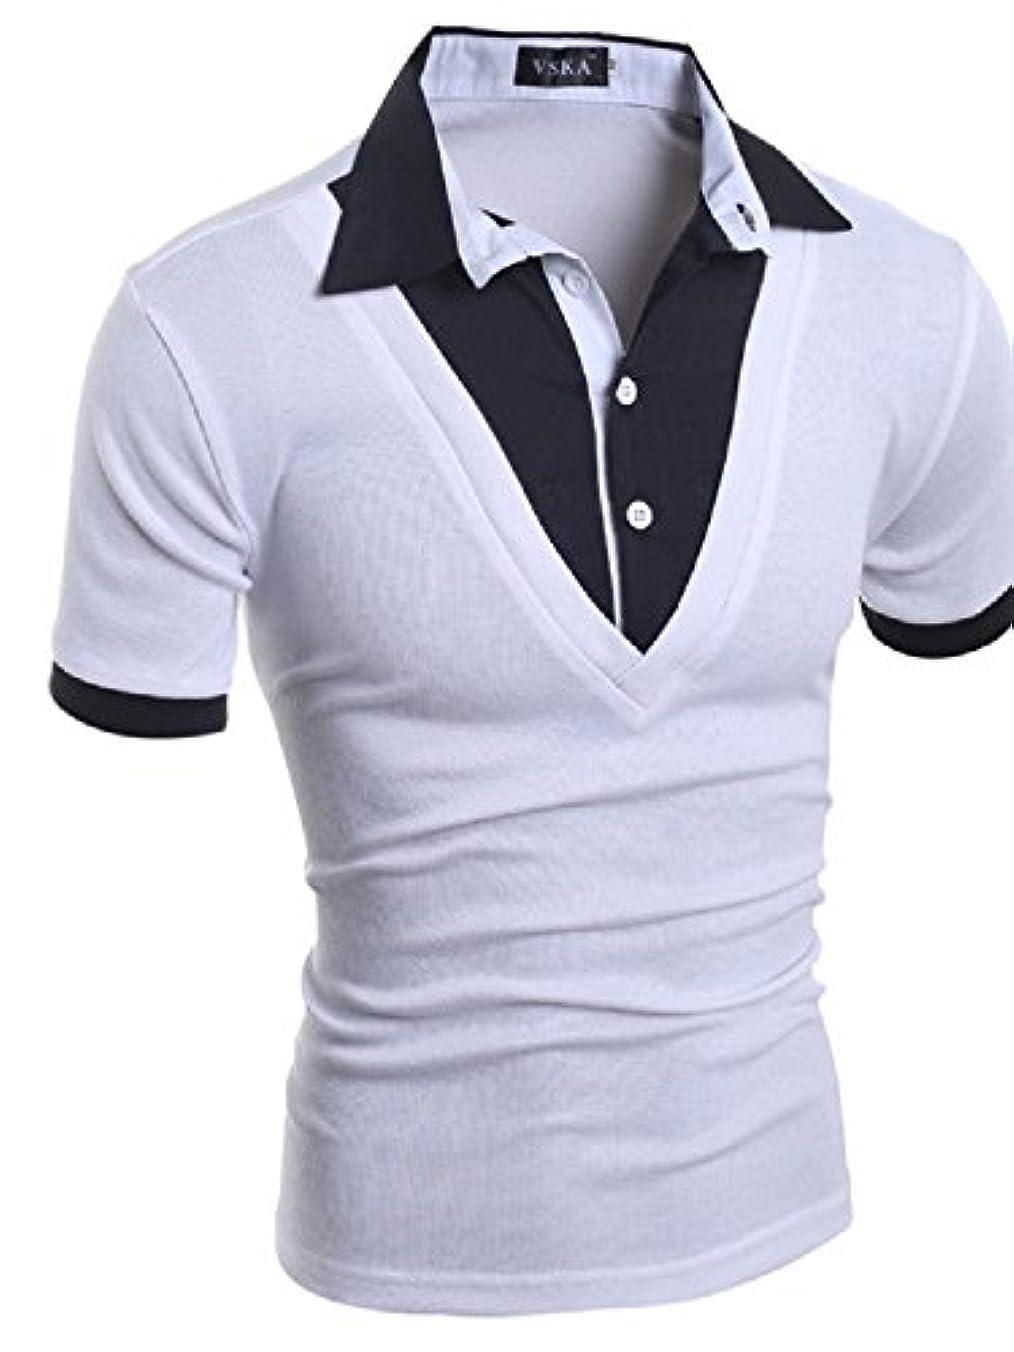 層浸食形【Smile LaLa】 メンズ 半袖 Tシャツ カットソー 重ね着風 襟付き スリム スタイリッシュ 薄手 ホワイト ブラック グレー 夏服